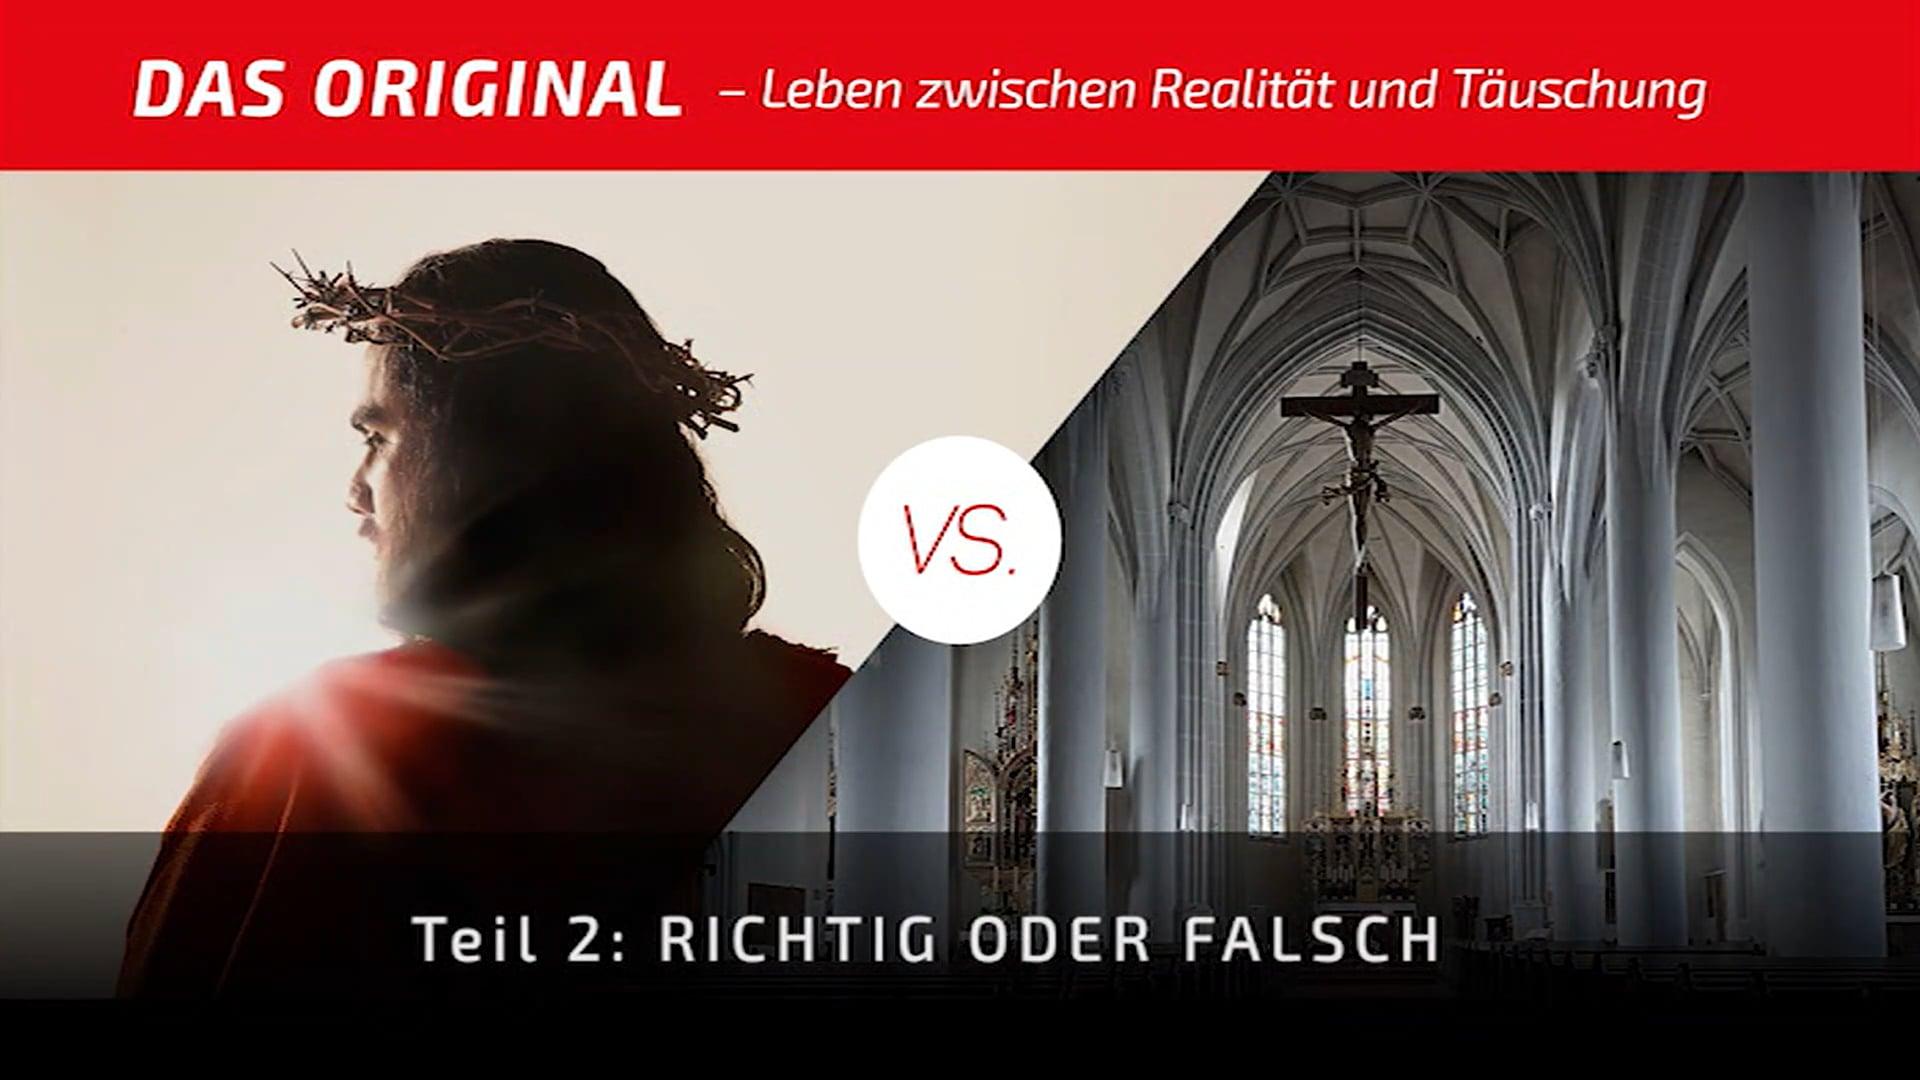 Das Original. Richtig oder Falsch. Die neue Wirklichkeit. (ORG 2)